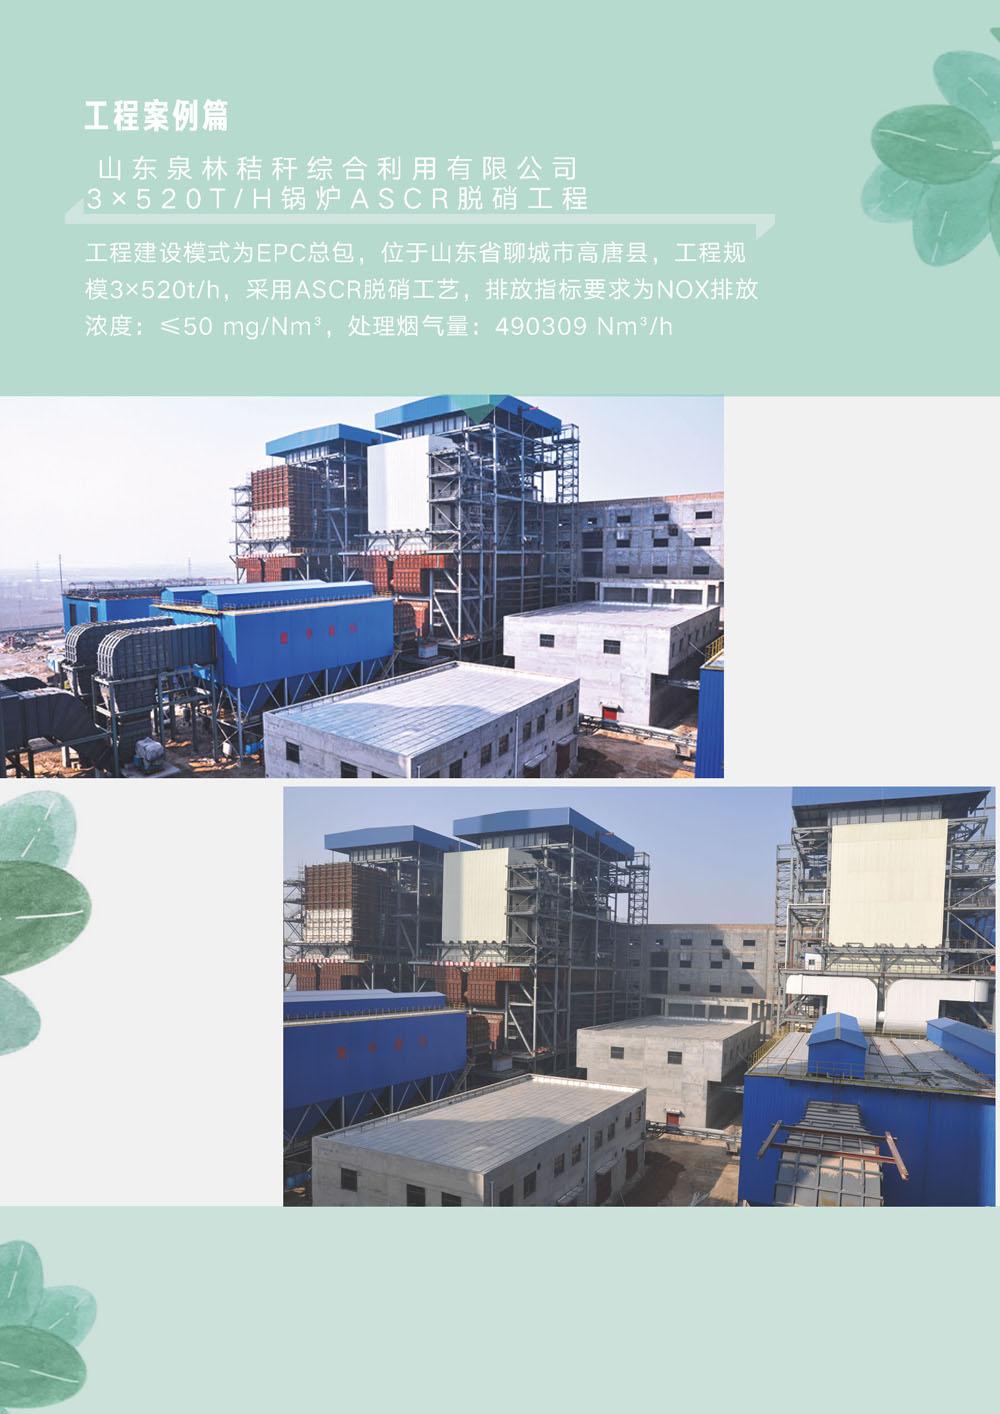 山东泉林秸秆综合利用有限公司热电站3台锅炉烟气脱硝装置总承包(EPC)工程